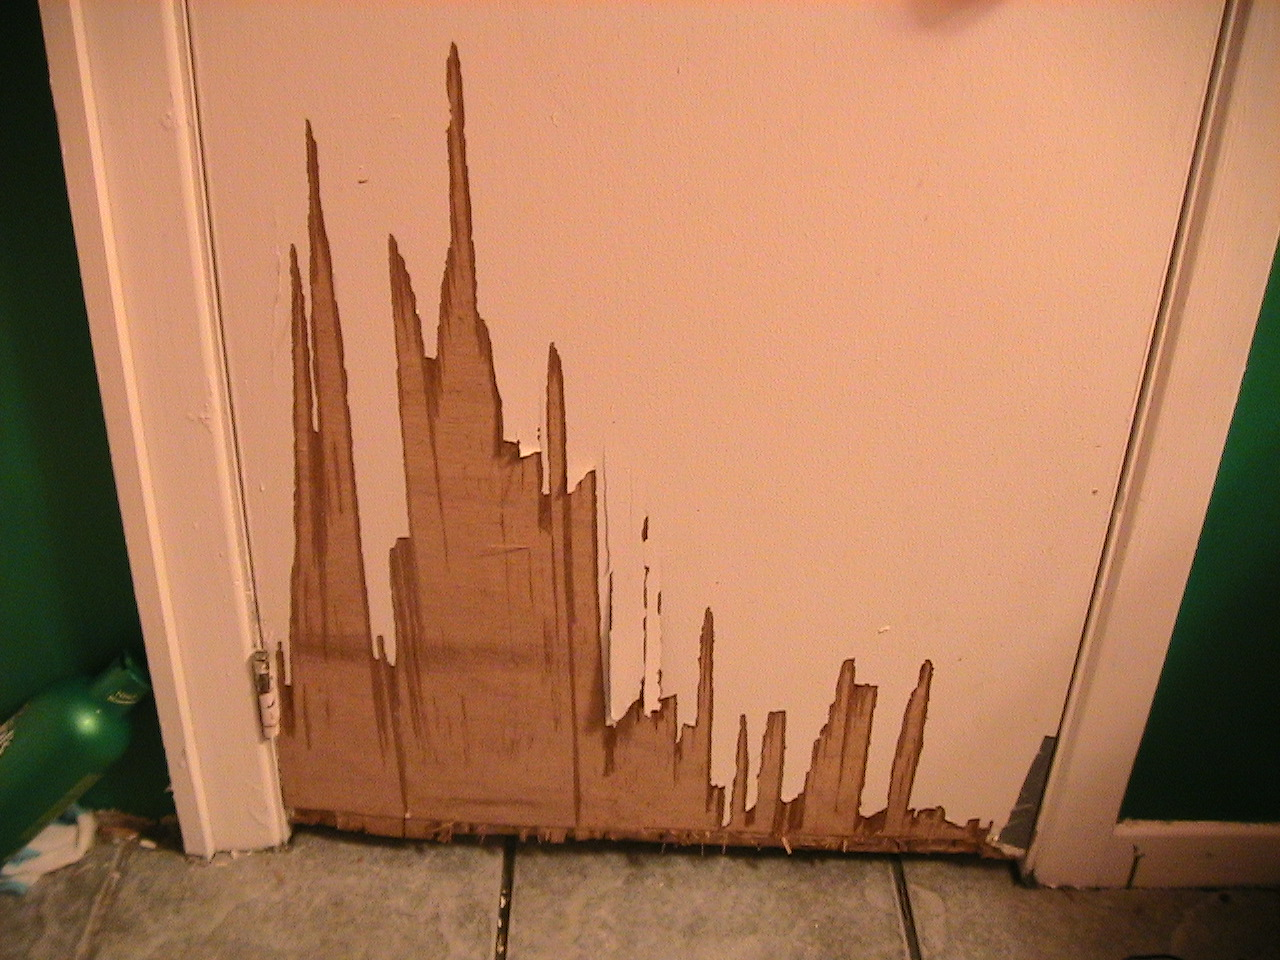 Comment reparer un porte grug e par un chiot - Reparer une porte d entree en bois ...